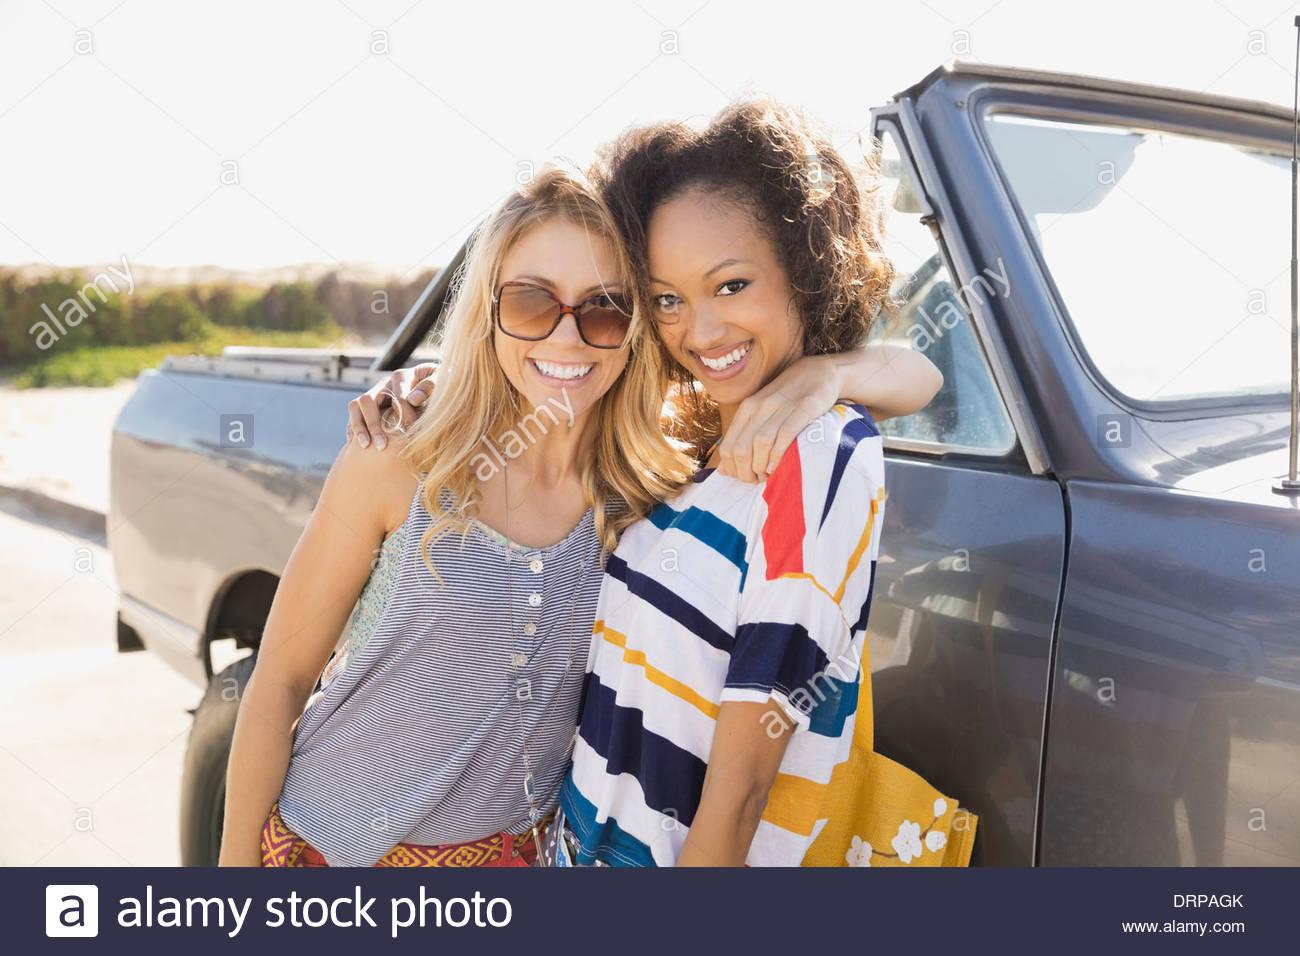 Porträt von Freundinnen stehend mit einem Off-Road-Fahrzeug Stockbild